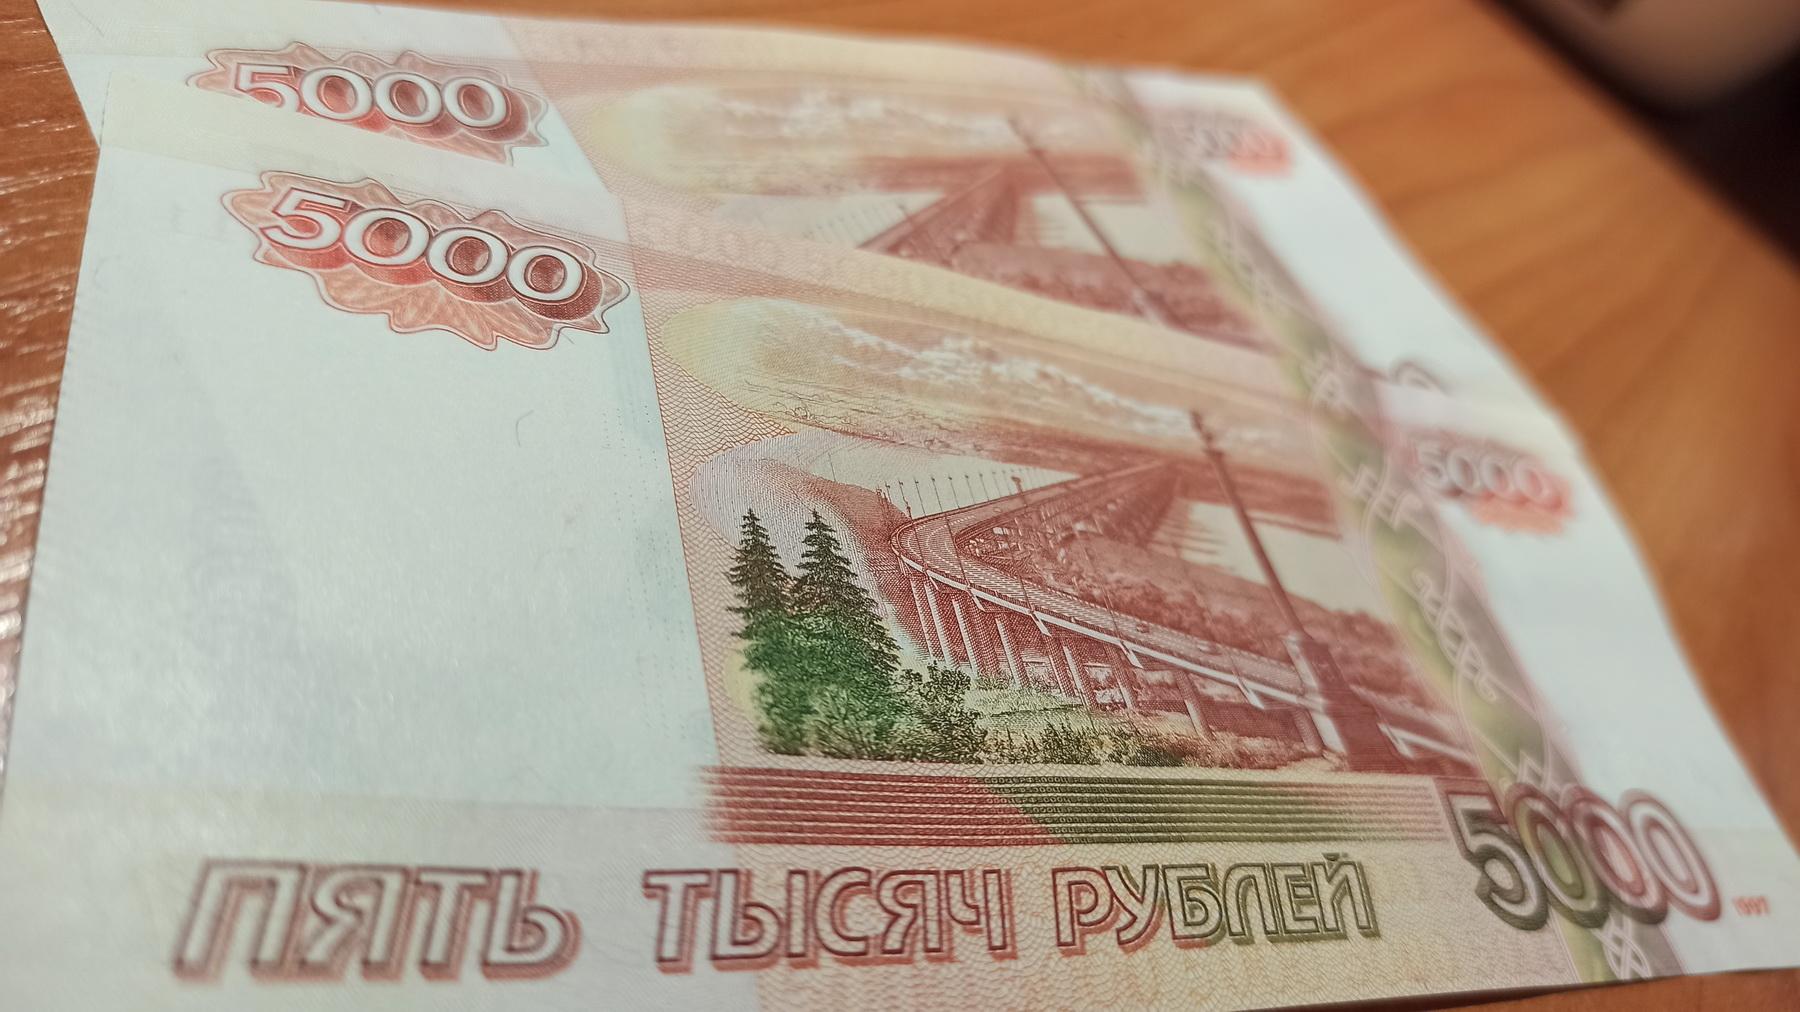 Глава Марий Эл выделил 7,5 млн рублей на водоснабжение в Параньге